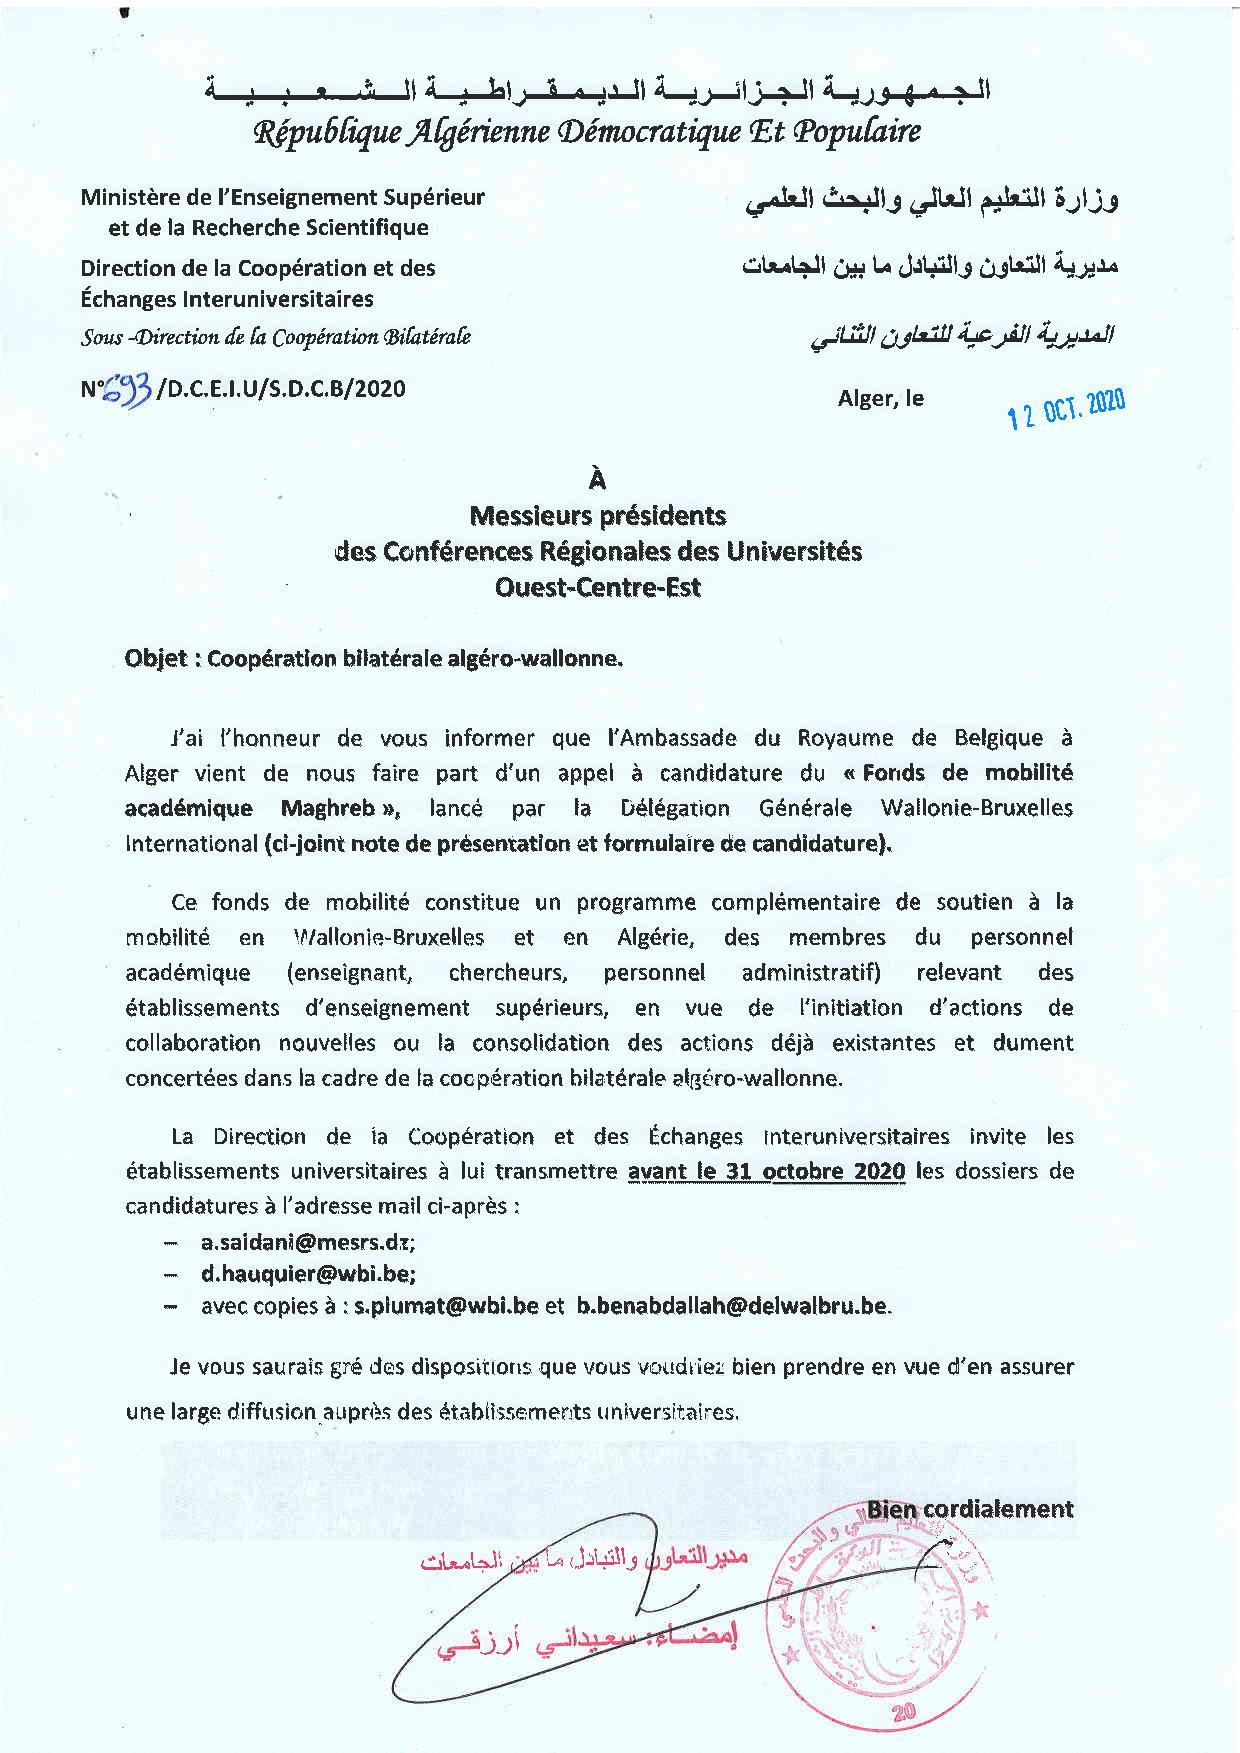 Coopération Bilatérale Algéro-Wallonne